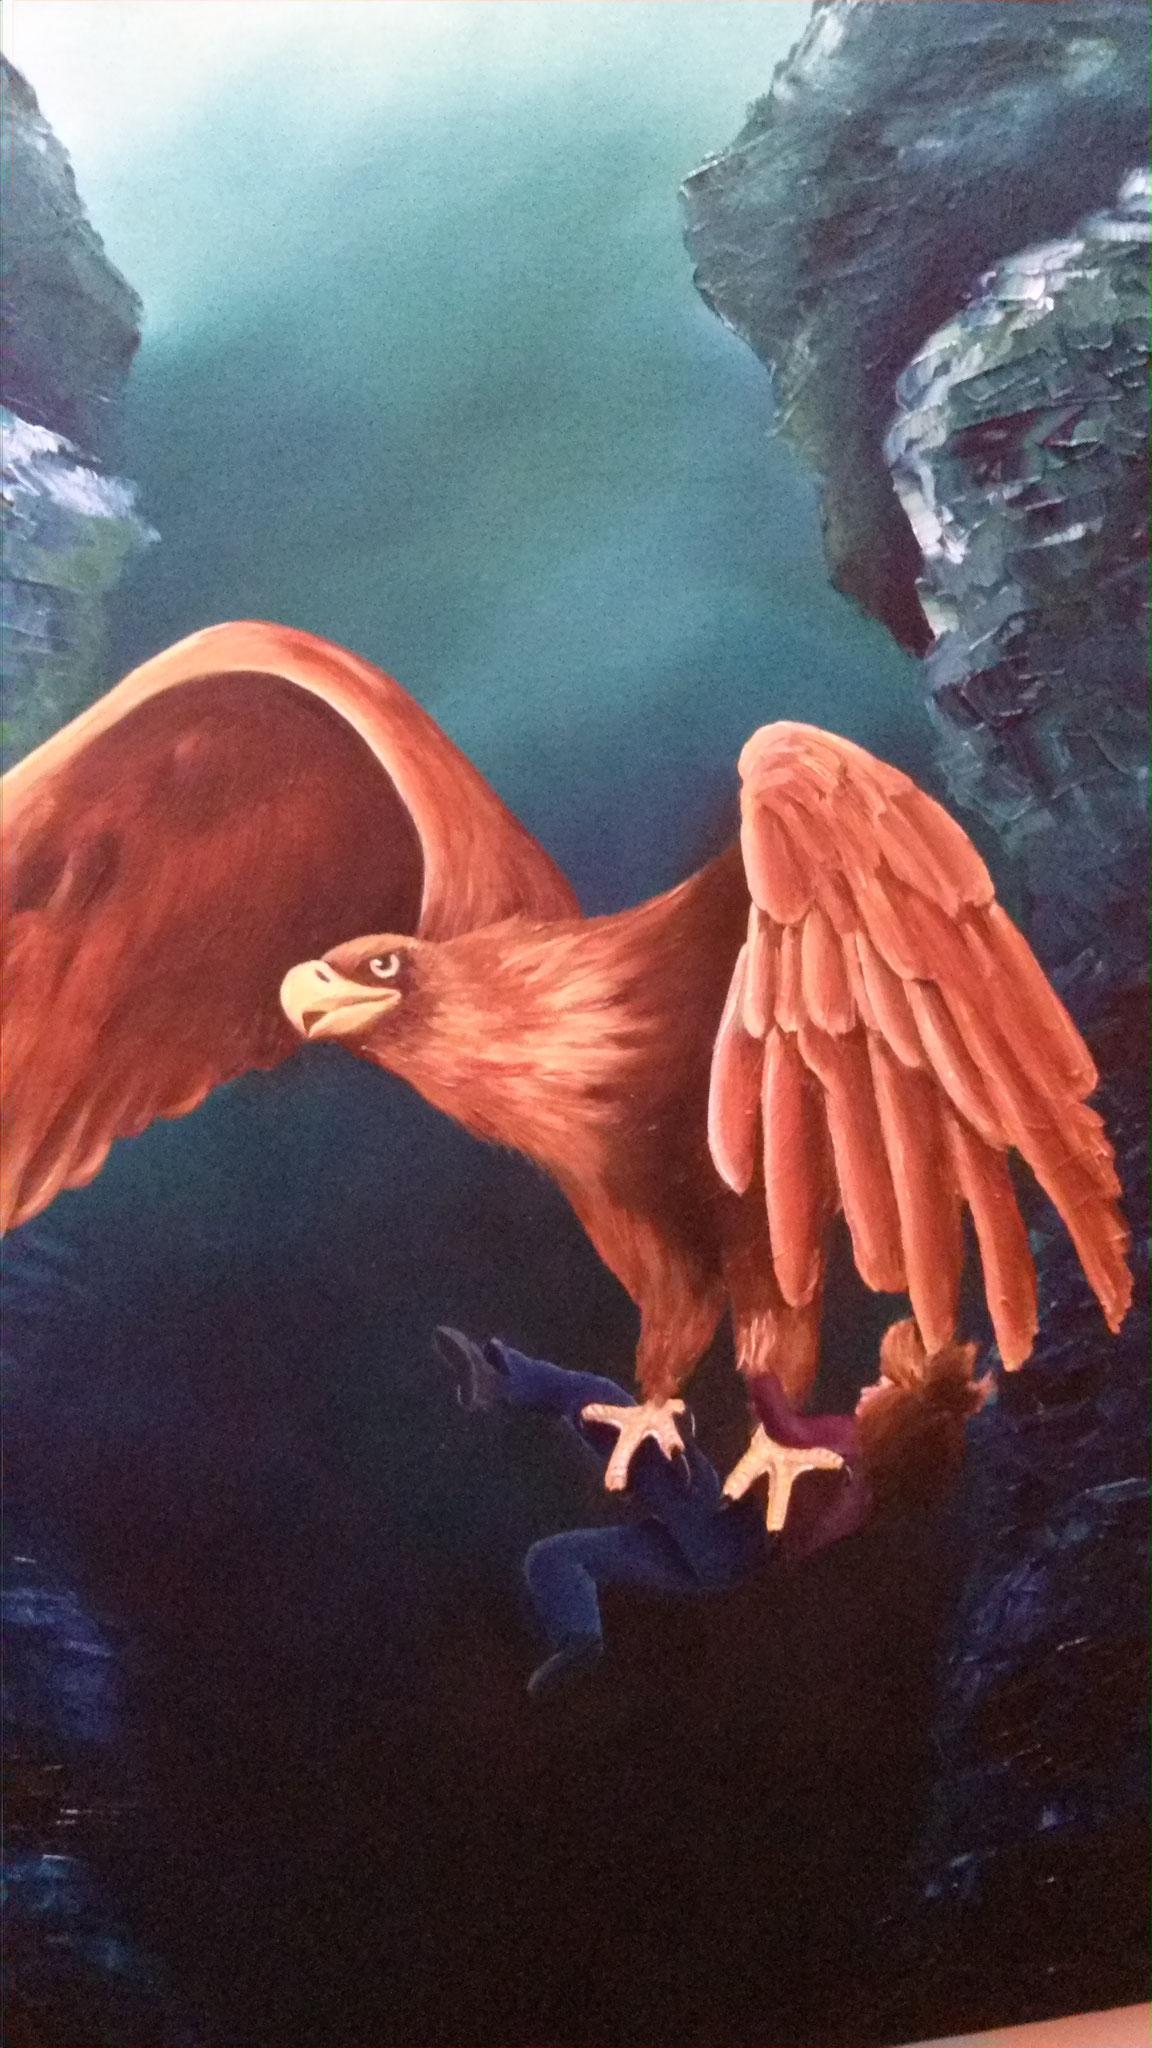 Der Adler - Ich falle, doch Du fängst mich auf